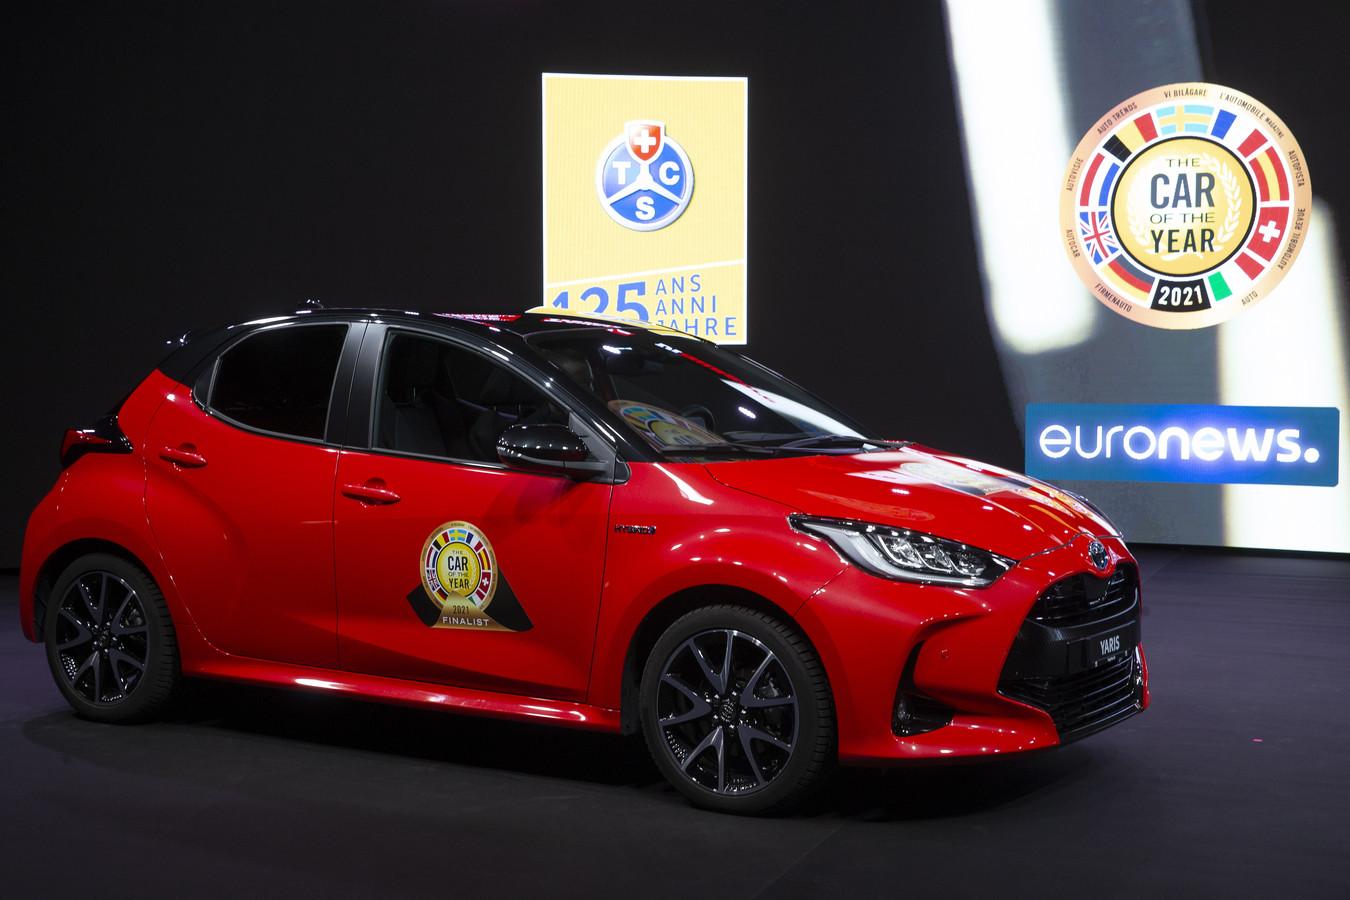 De Toyota Yaris verscheen gisteren, zoals elke Auto van het Jaar, op het podium in beursgebouw Palexpo in Genève, waar normaliter rond deze tijd de internationale autotentoonstelling plaatsvindt